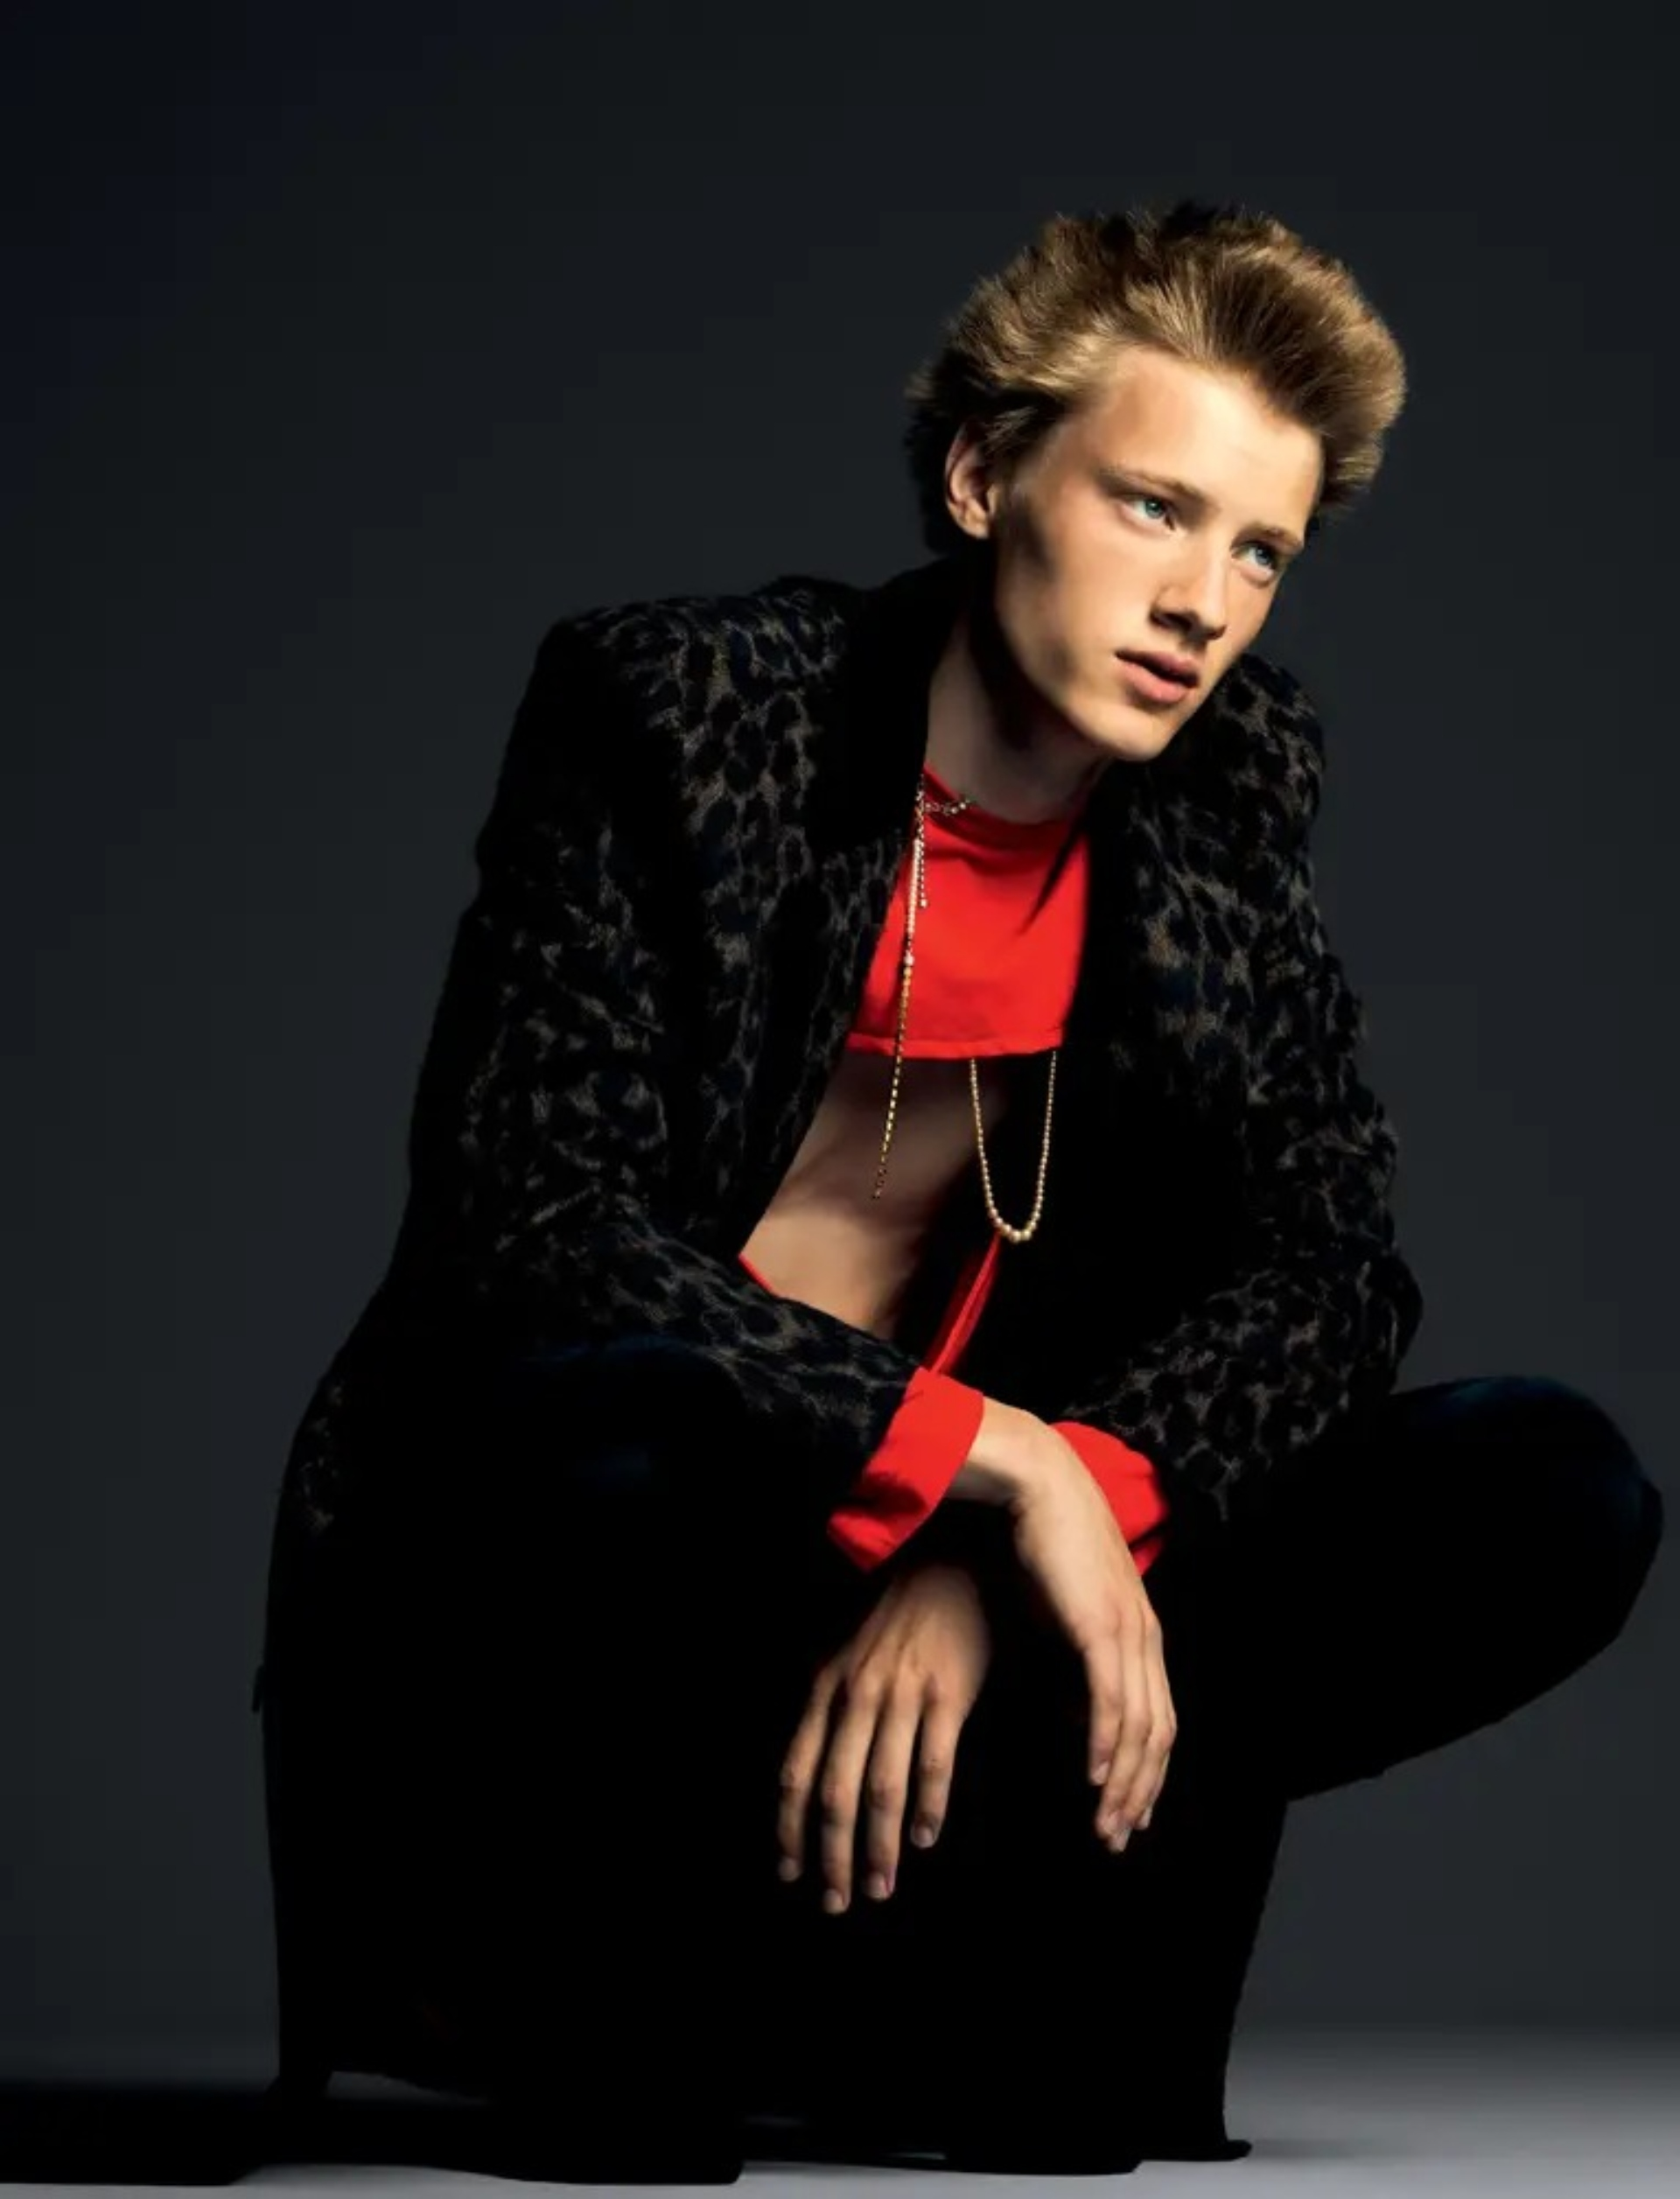 Braien Vaiksaar el modelo estonio que conquistó la industria fashion